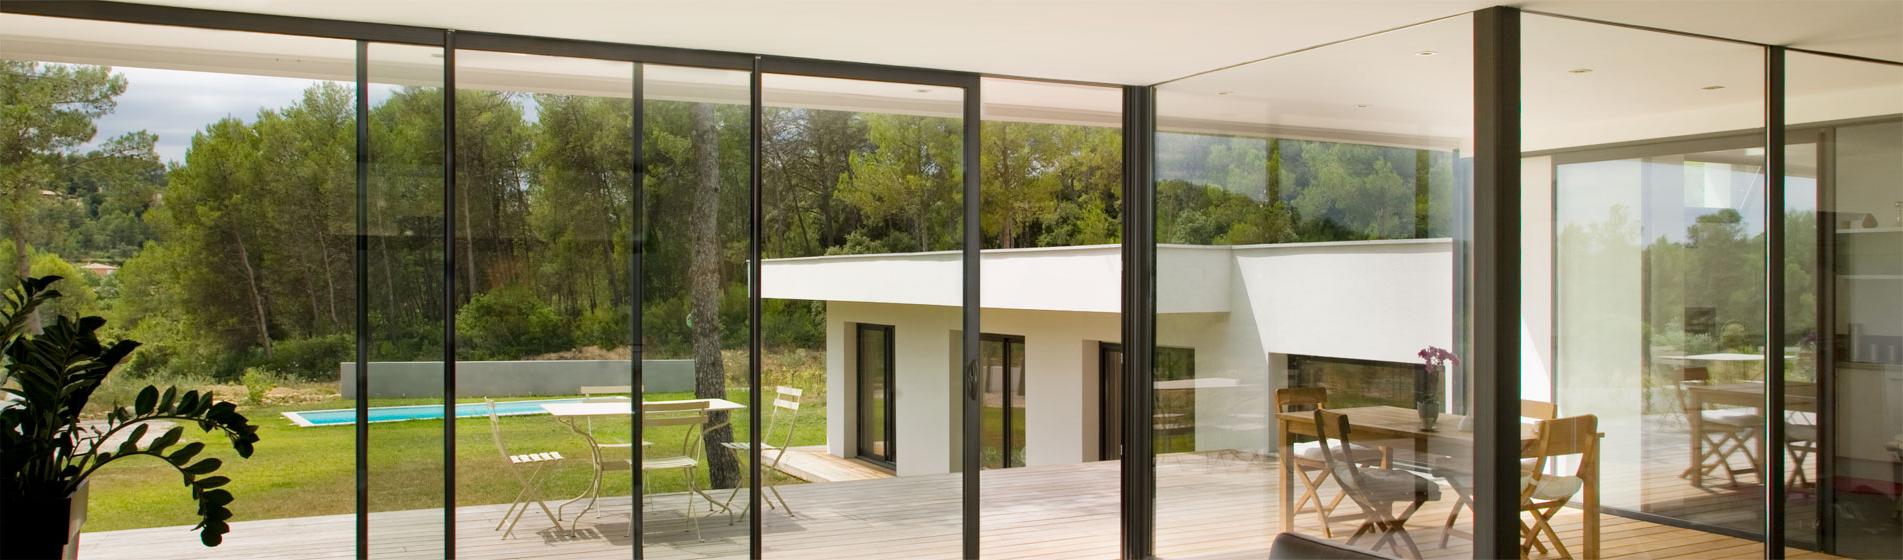 fabricant baie vitrée sur-mesure 13 Bouches-du-Rhône